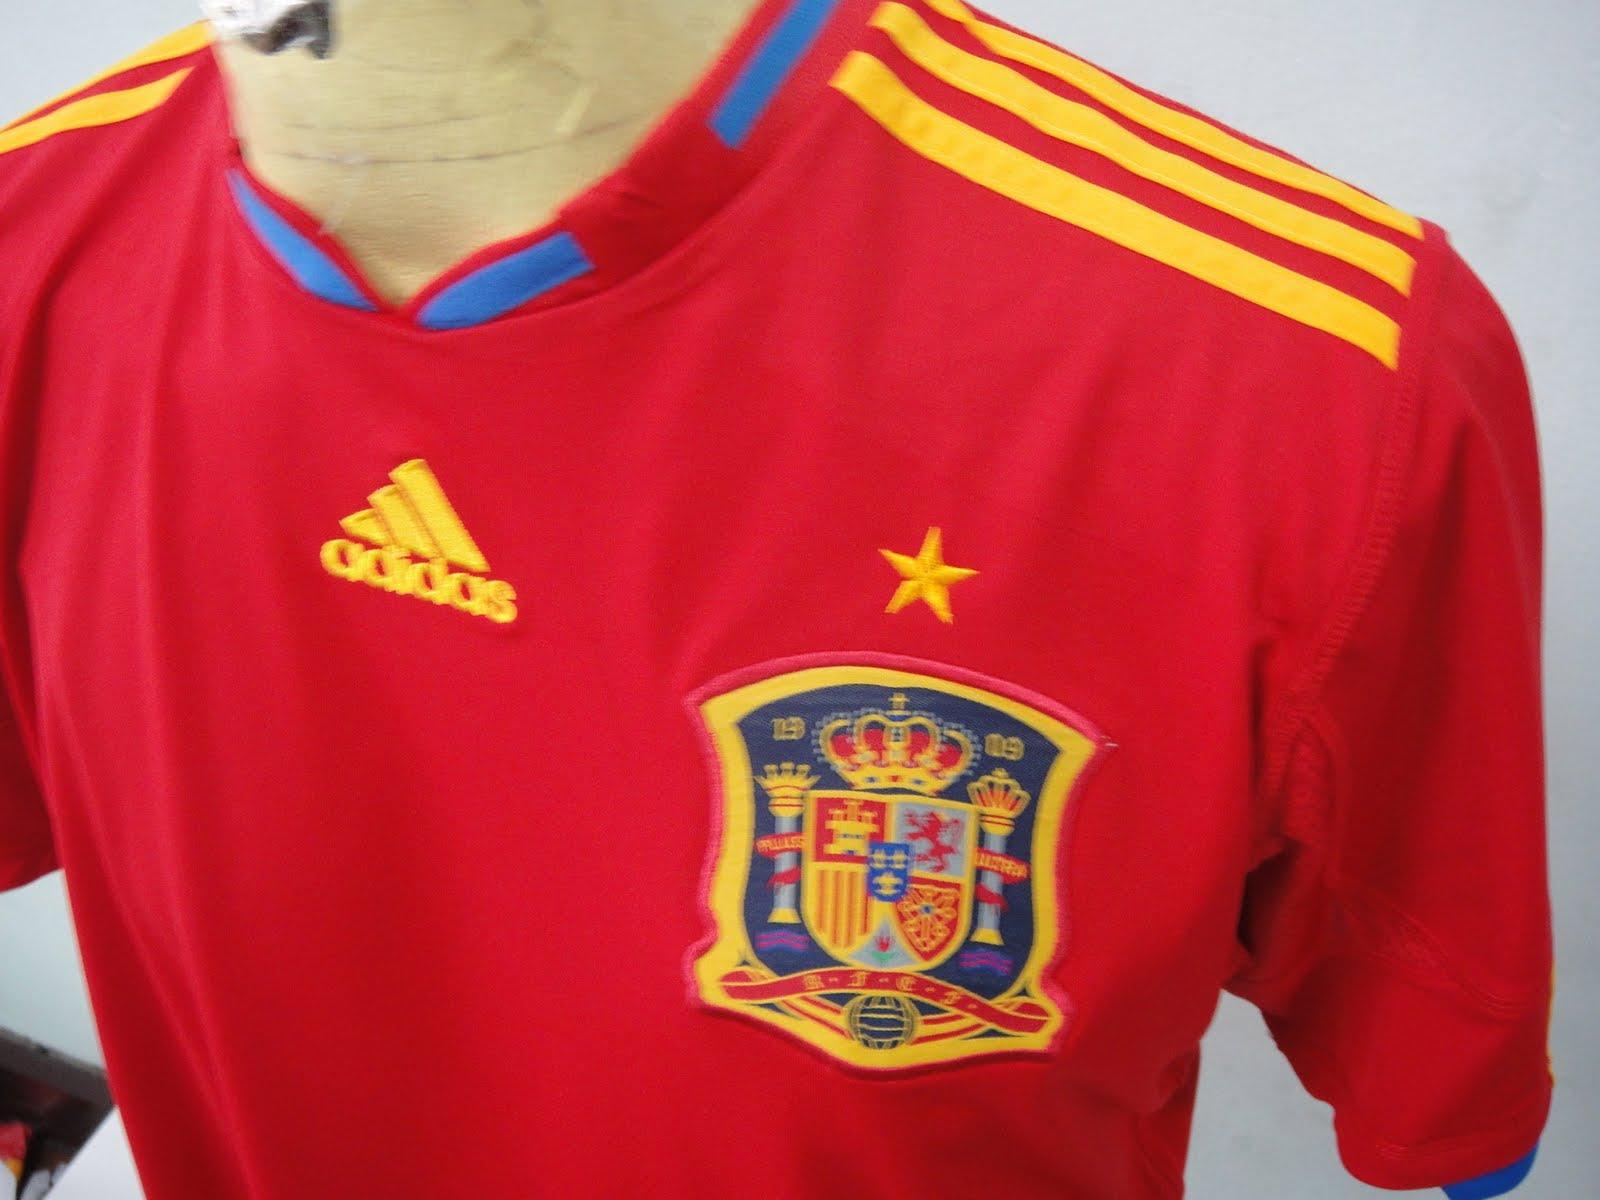 23d60fcd7ae26 Crónicas de Esperantia  Los timos del mundial y la camiseta de ...